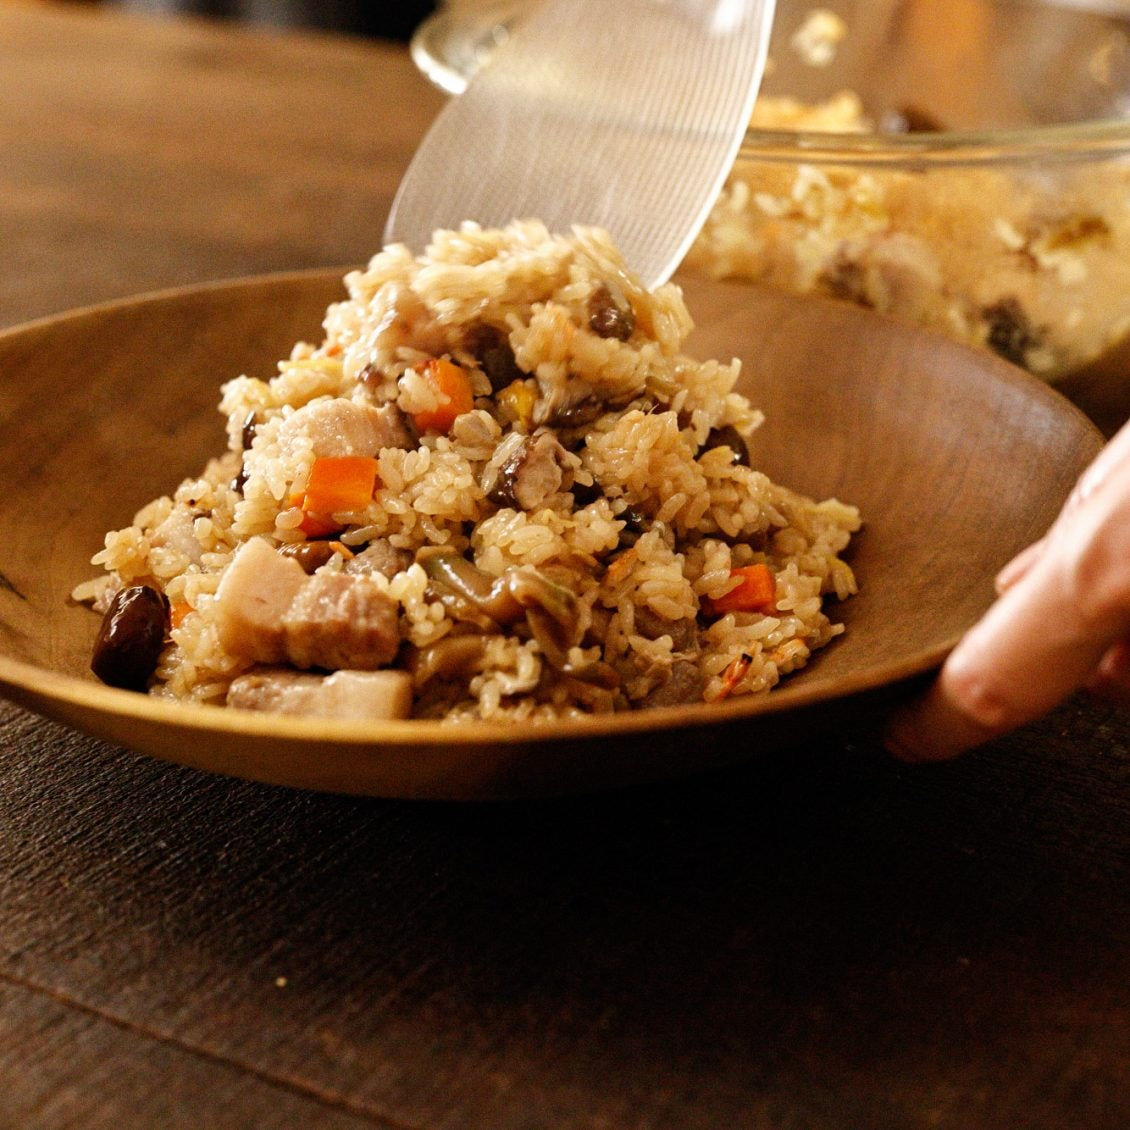 【炊き込みごはんを味方につける】第4話:レンジで完成!身近な食材でつくる「中華風レンジおこわ」